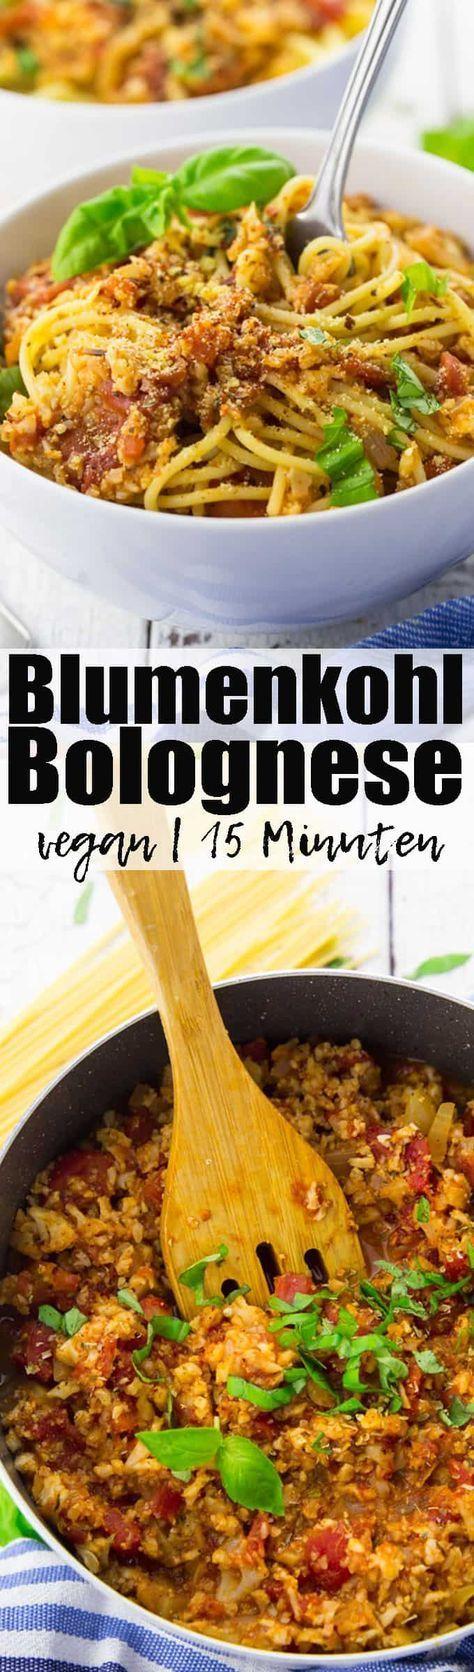 Habt ihr schon mal Blumenkohl Bolognese ausprobiert? Aktuell eines meiner liebsten Pasta Rezepte! Vegan und fertig in nur 15 Minuten! Gesunde Rezepte können sooo lecker sein! Mehr vegetarische Rezepte findet ihr auf veganheaven.de! via @veganheavende